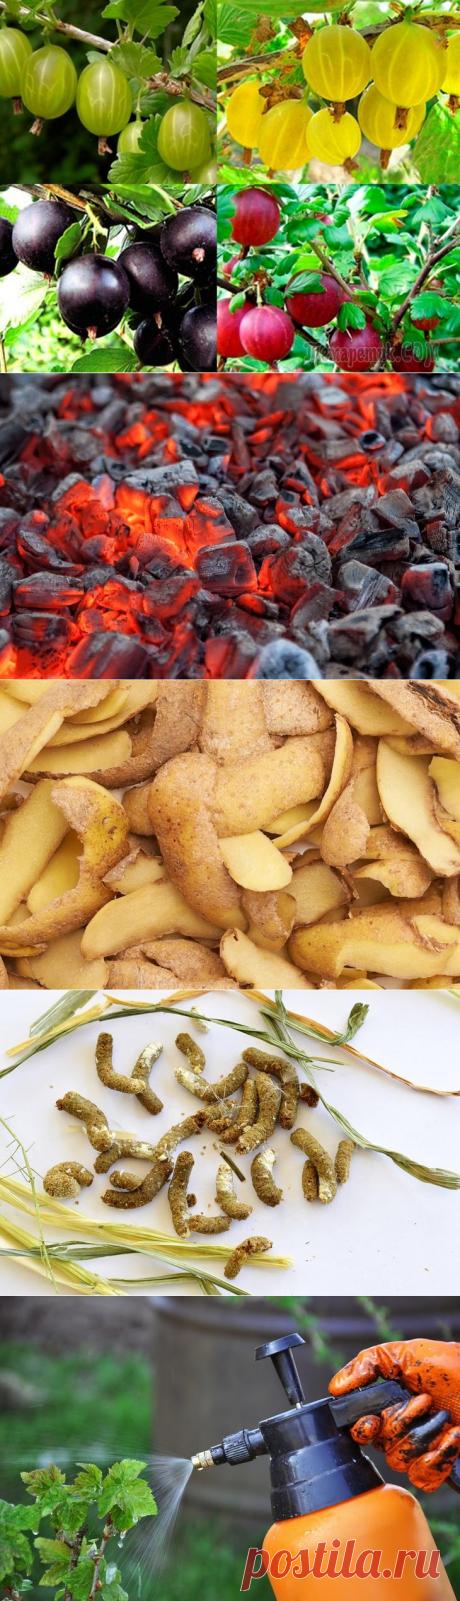 Чем подкормить смородину и крыжовник осенью